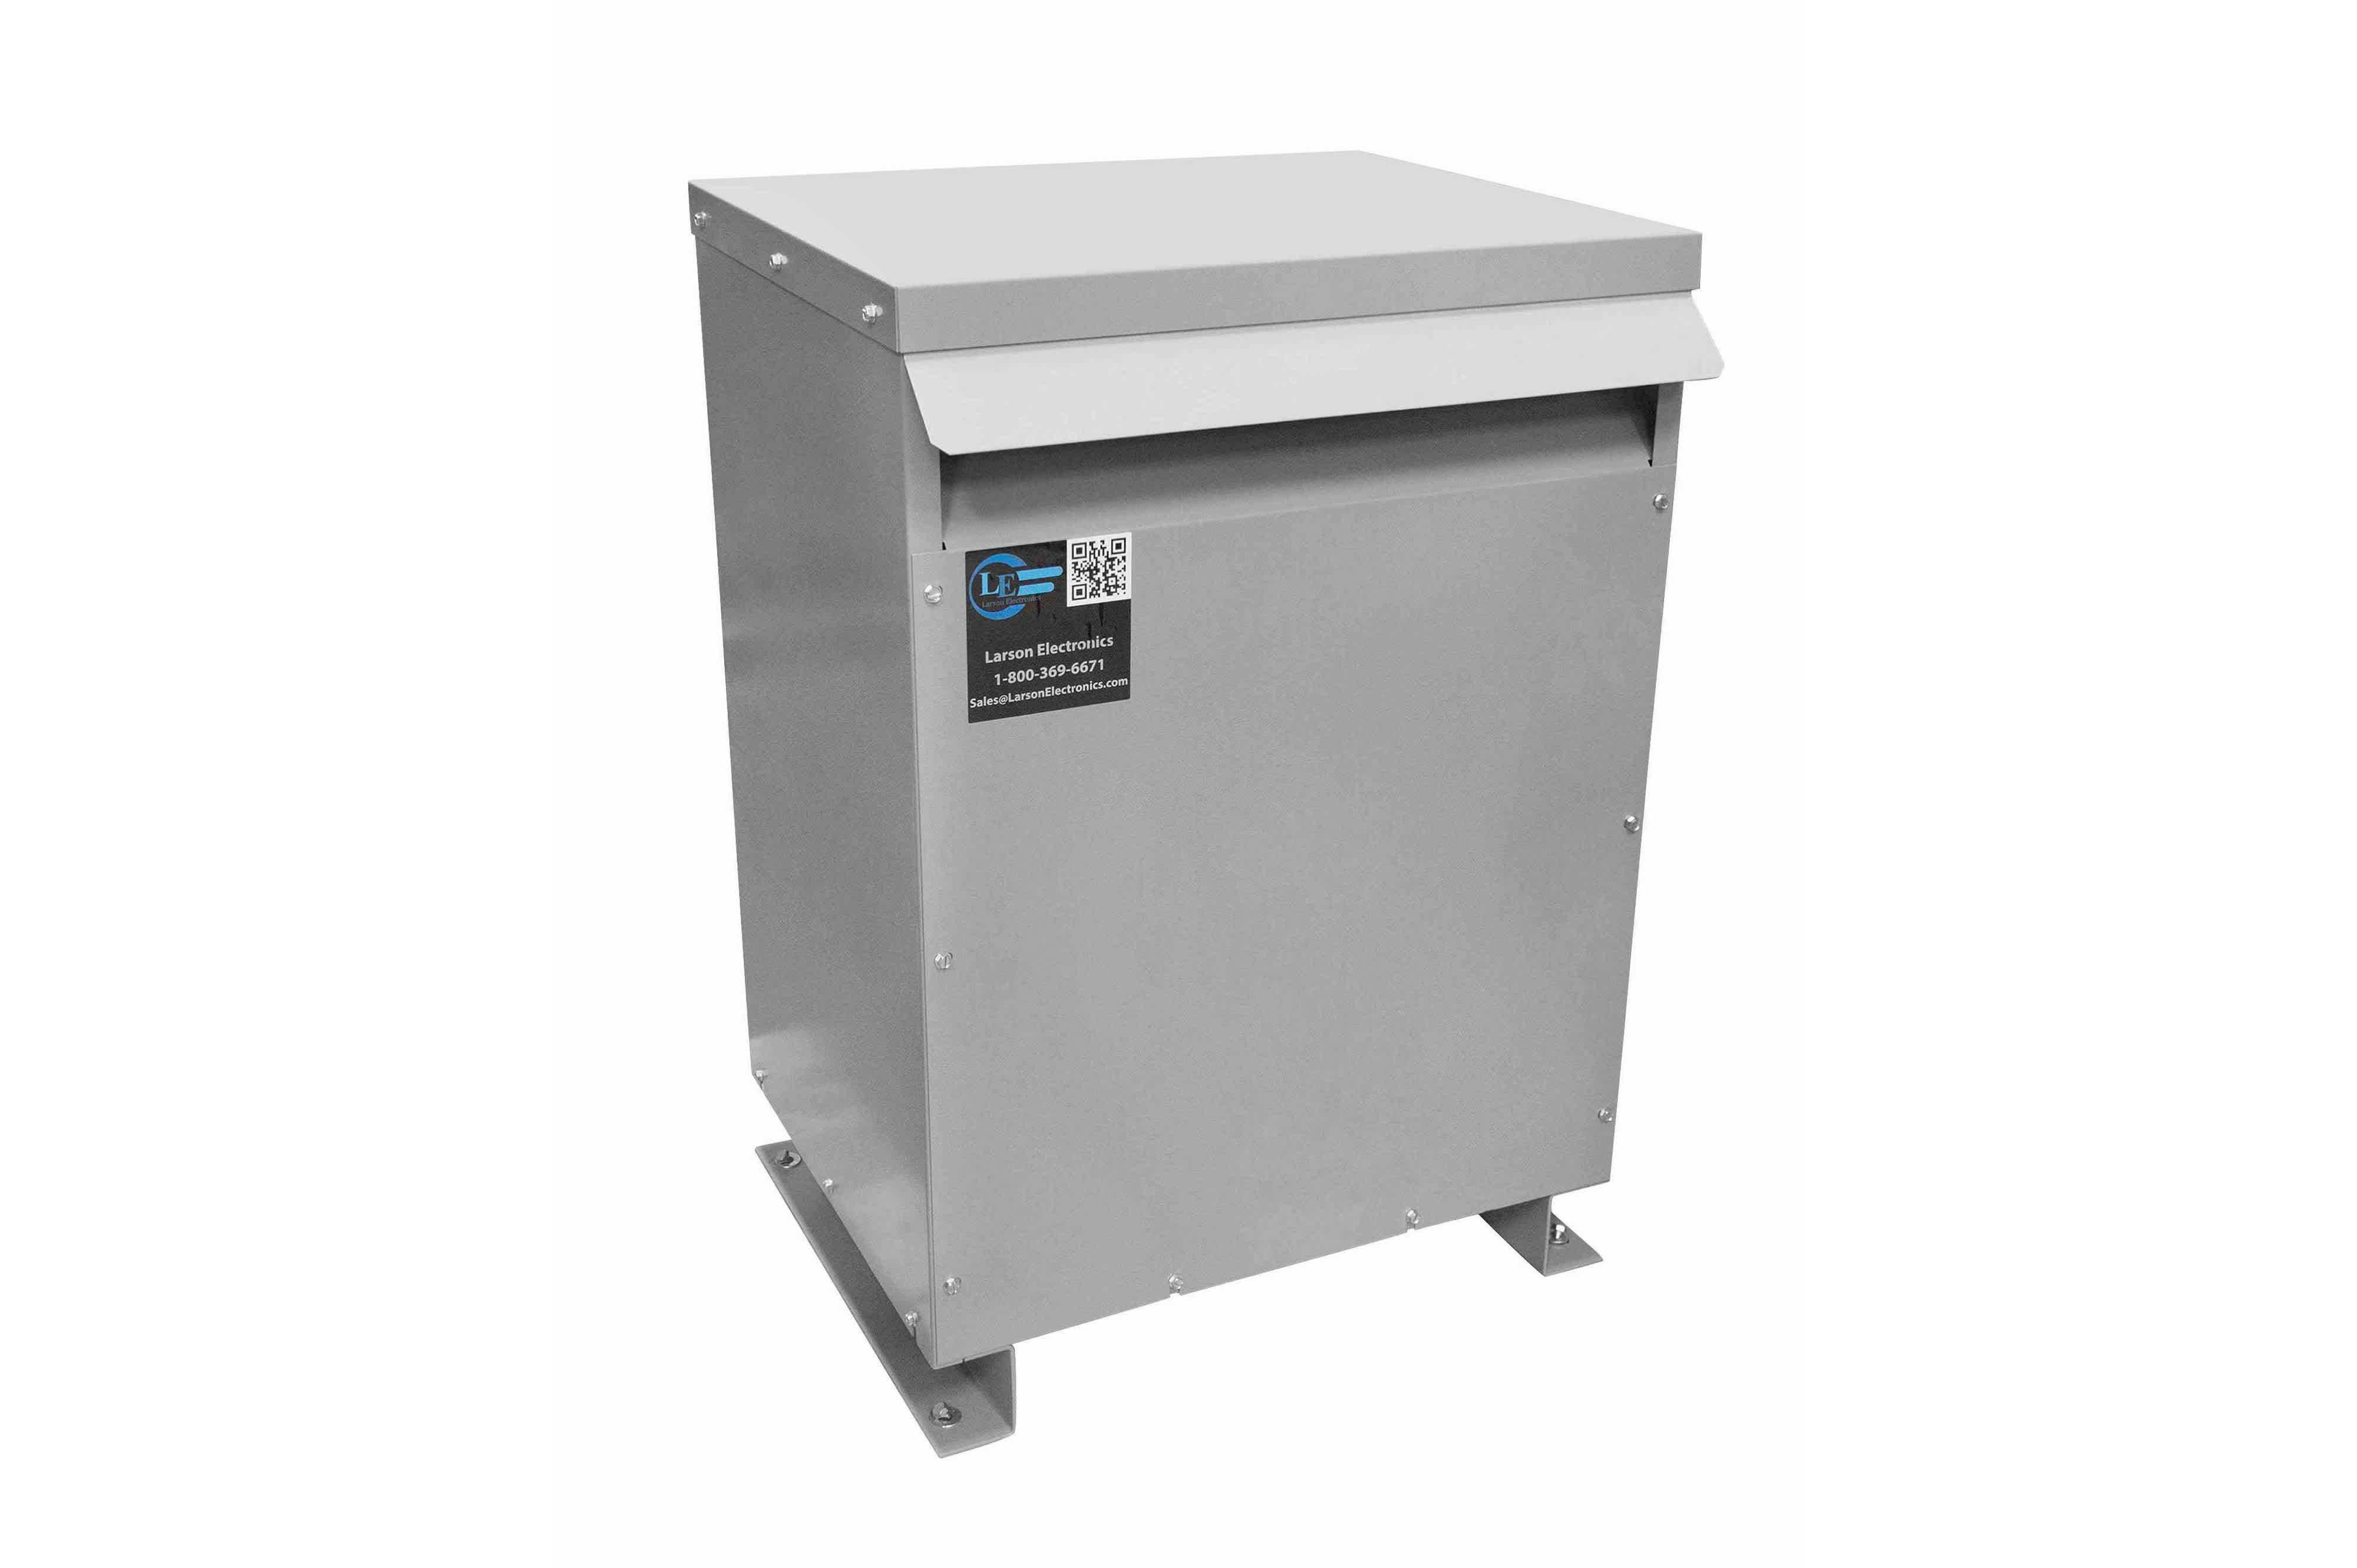 250 kVA 3PH Isolation Transformer, 575V Delta Primary, 400V Delta Secondary, N3R, Ventilated, 60 Hz